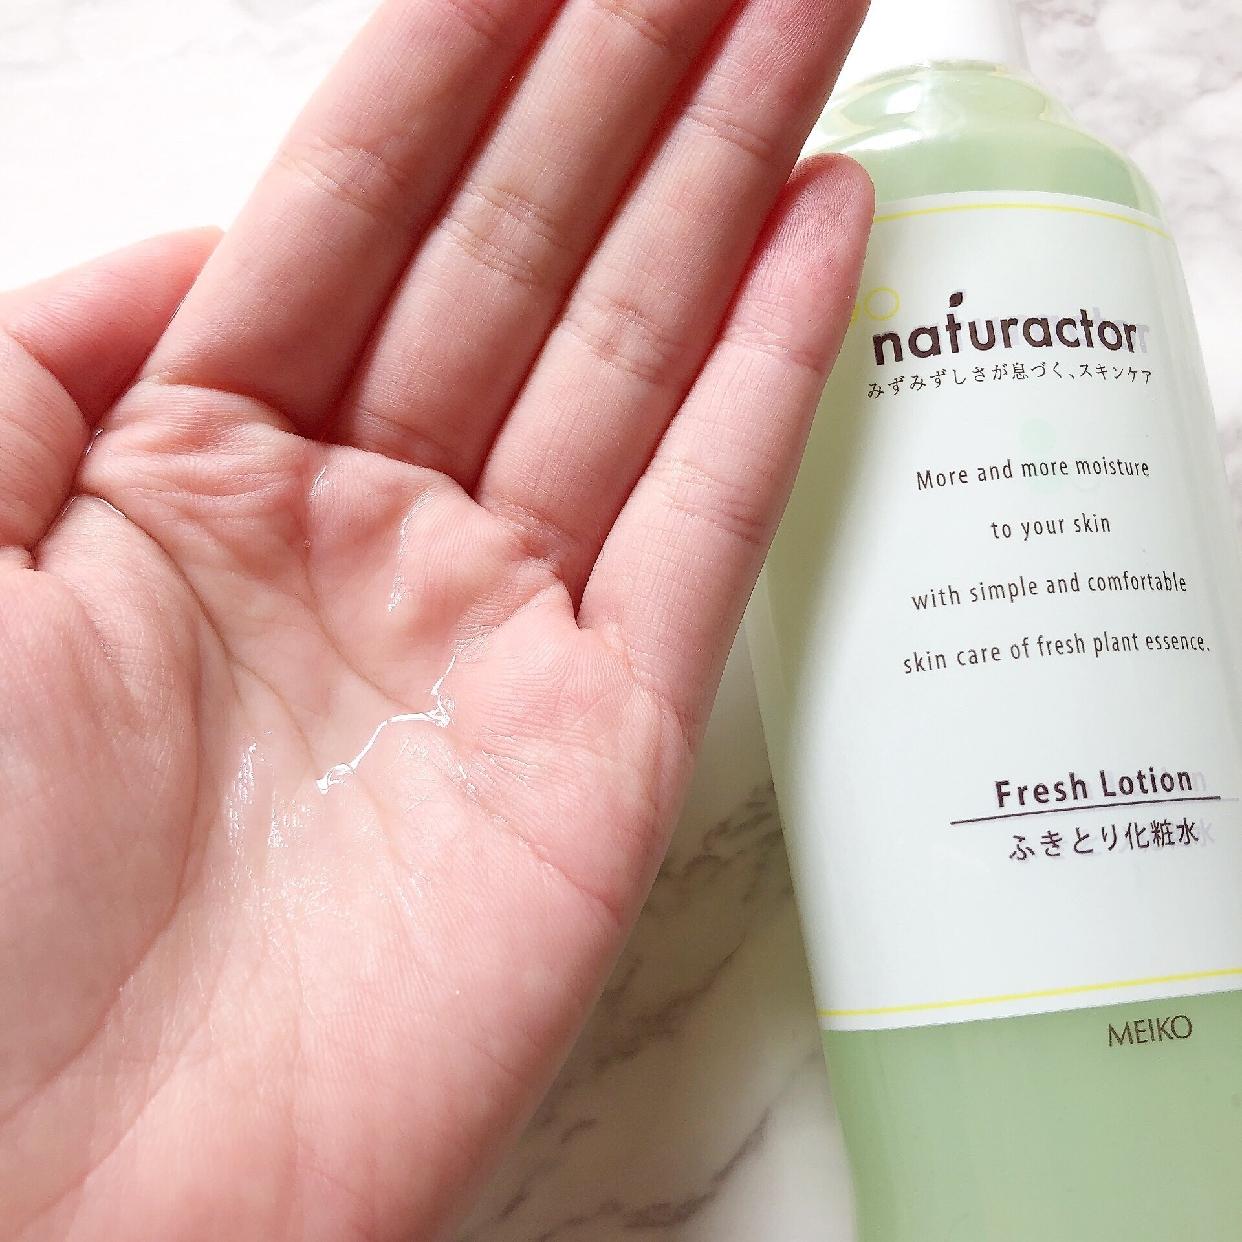 naturactor(ナチュラクター)フレッシュローション(ふきとり化粧水)を使った ゆりさんの口コミ画像1